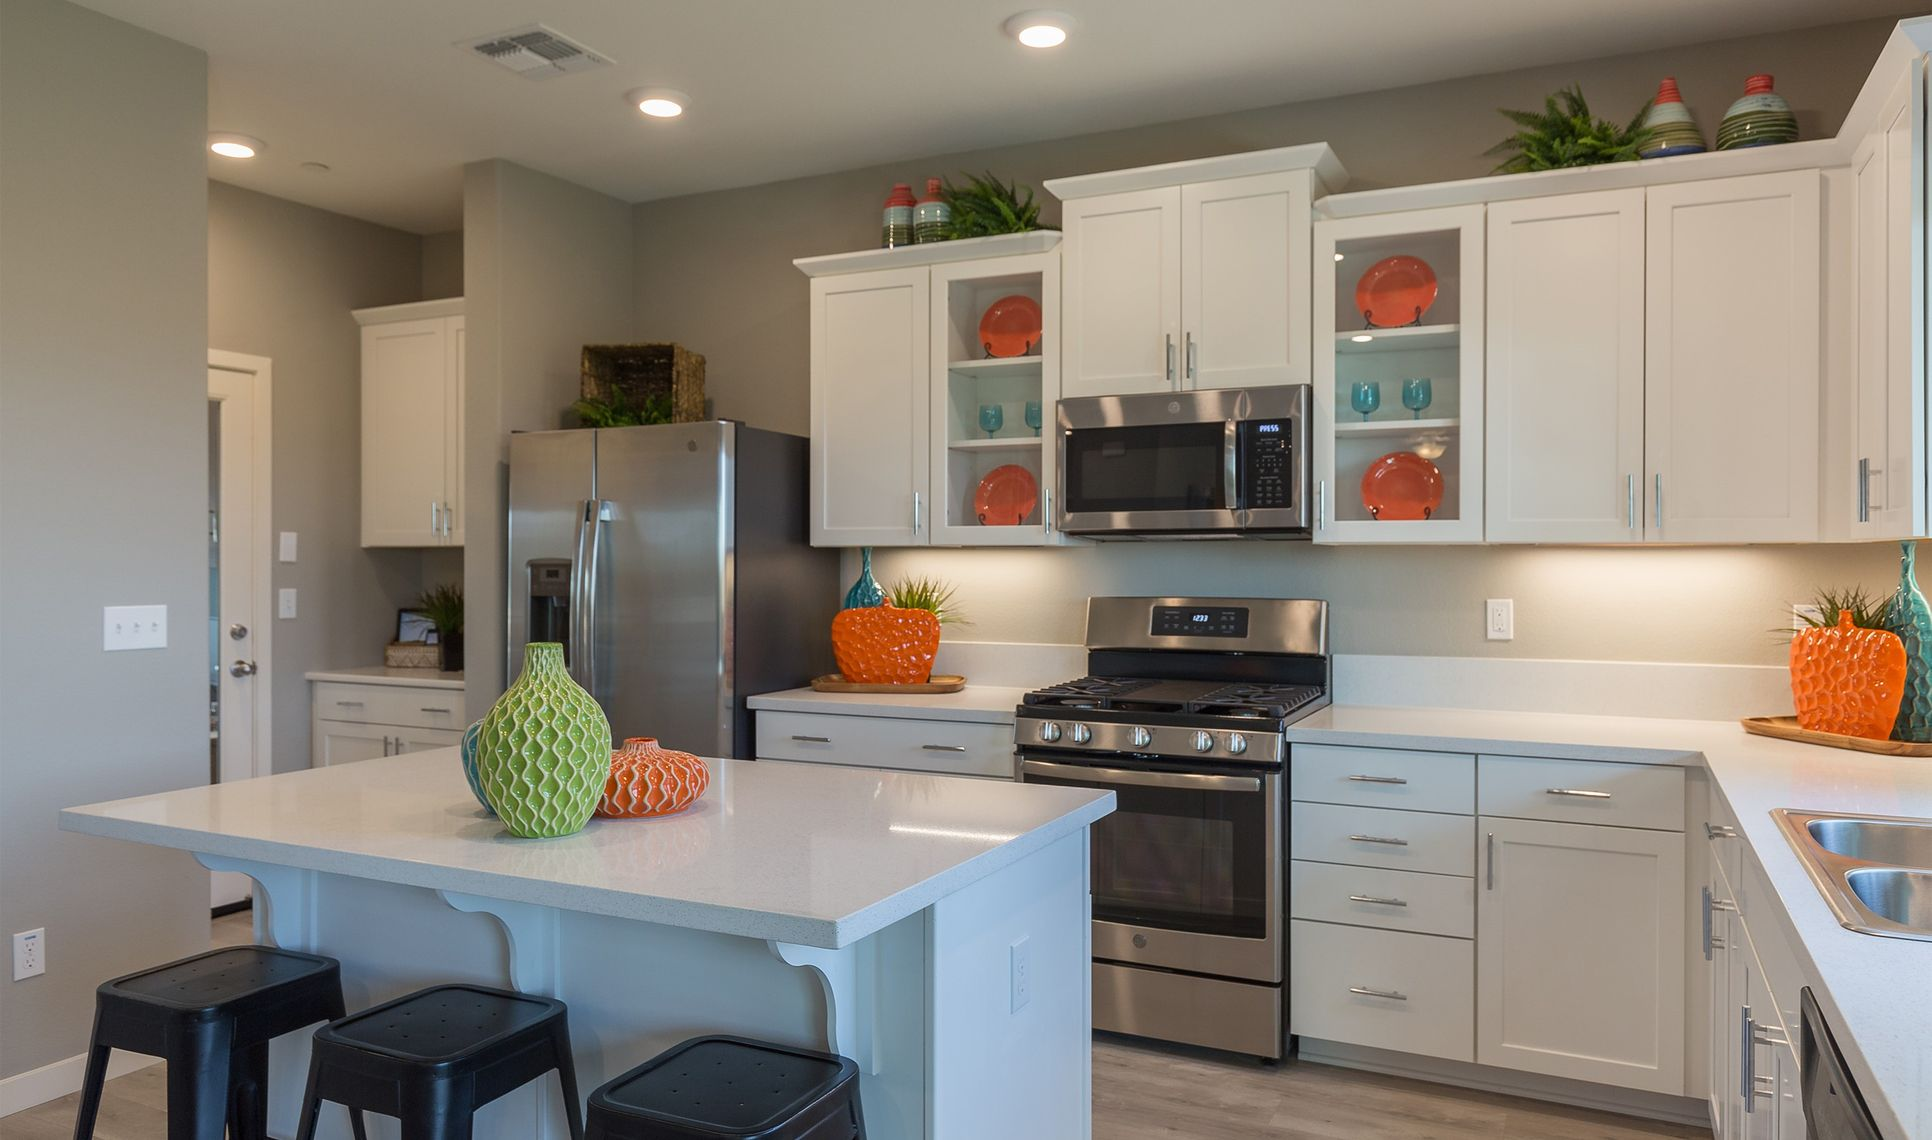 Interior:Kitchen with island